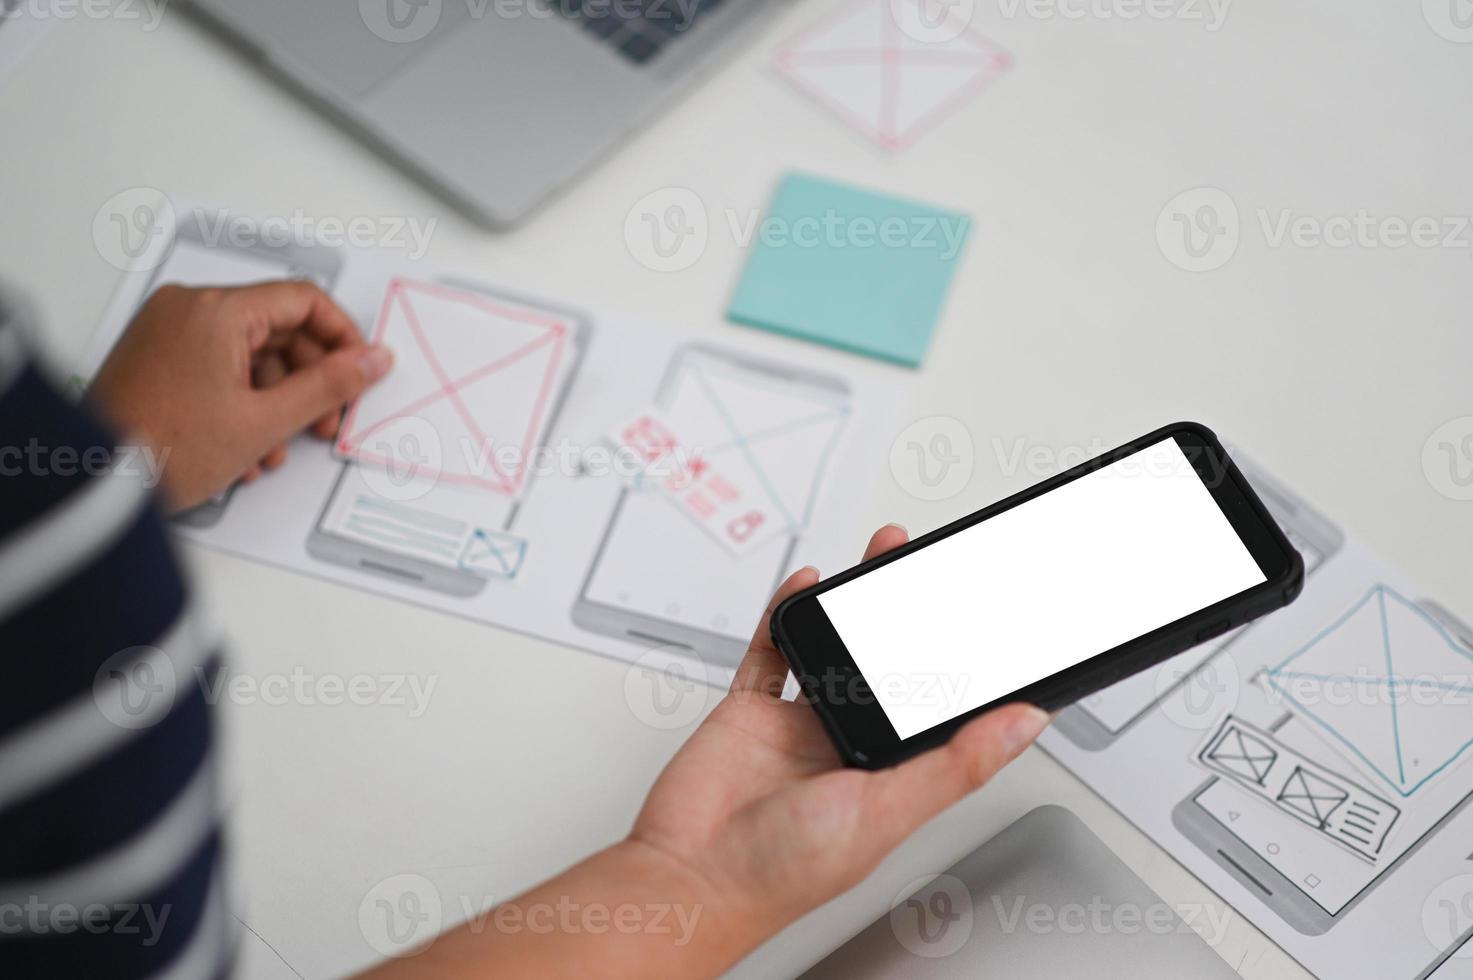 applikationsdesigners designar på smartphone -appar. foto